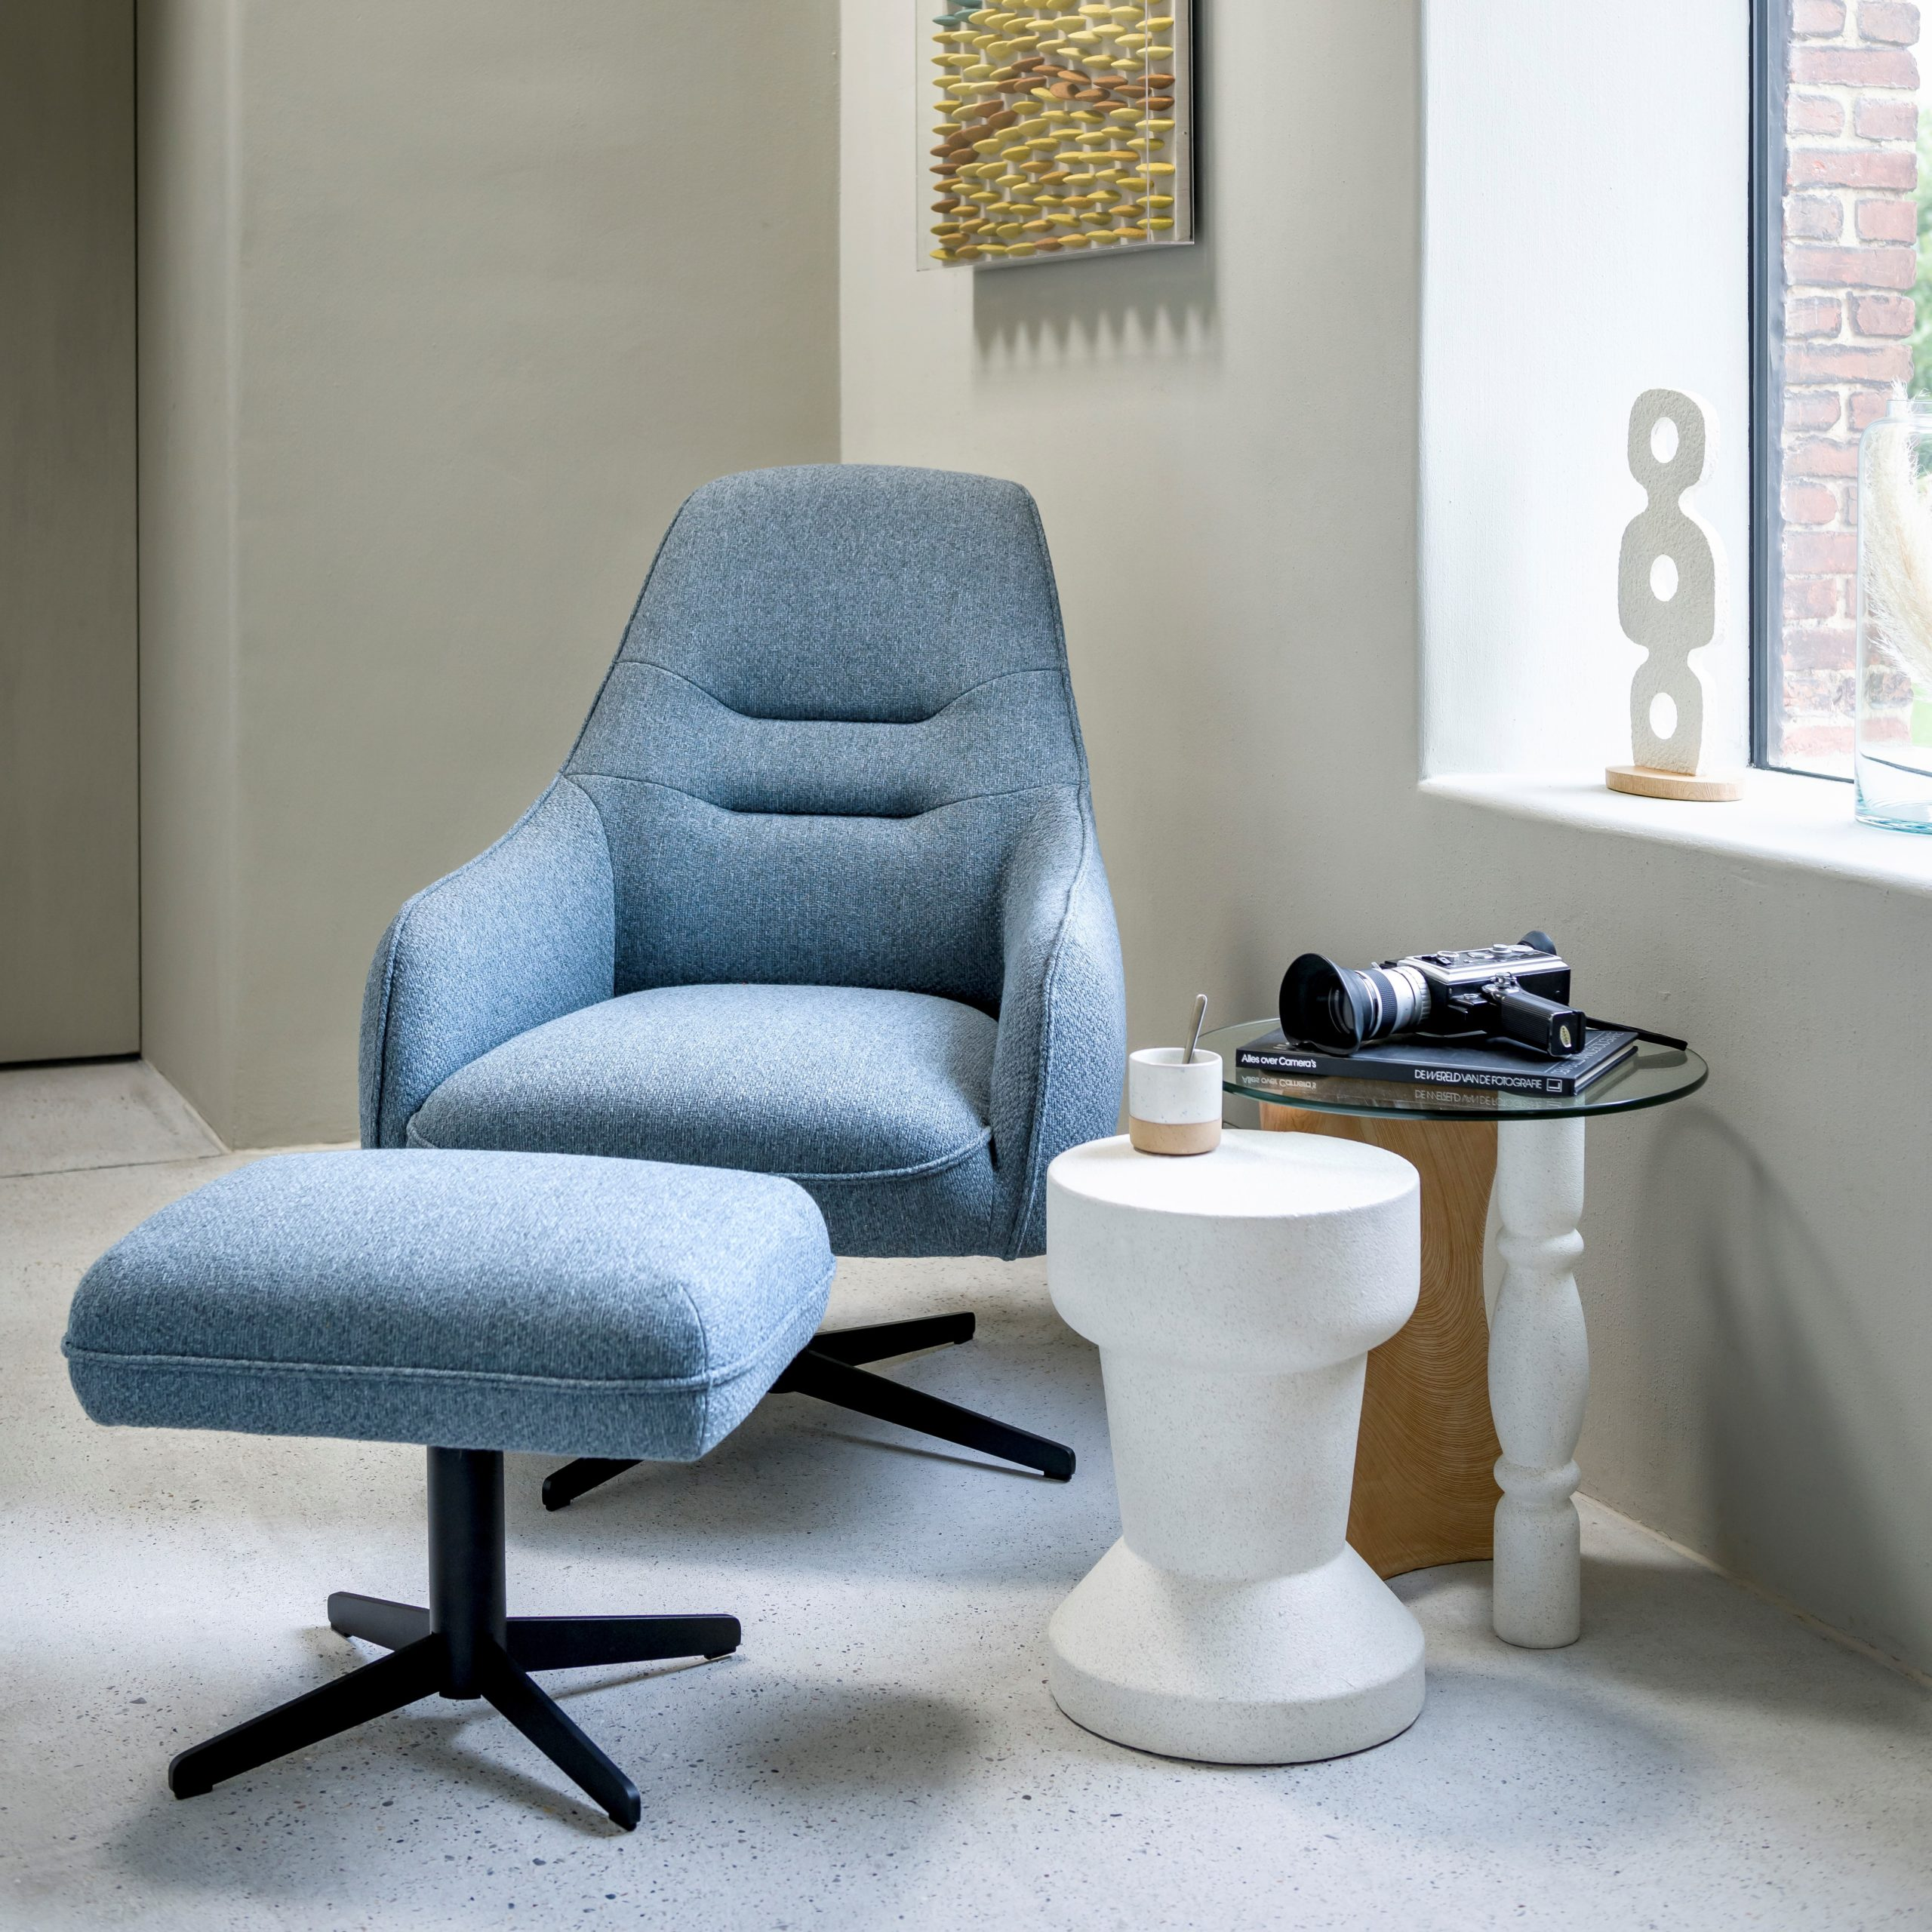 XOO_AMB_fauteuil_Oviedo_draaipoot_met_poef